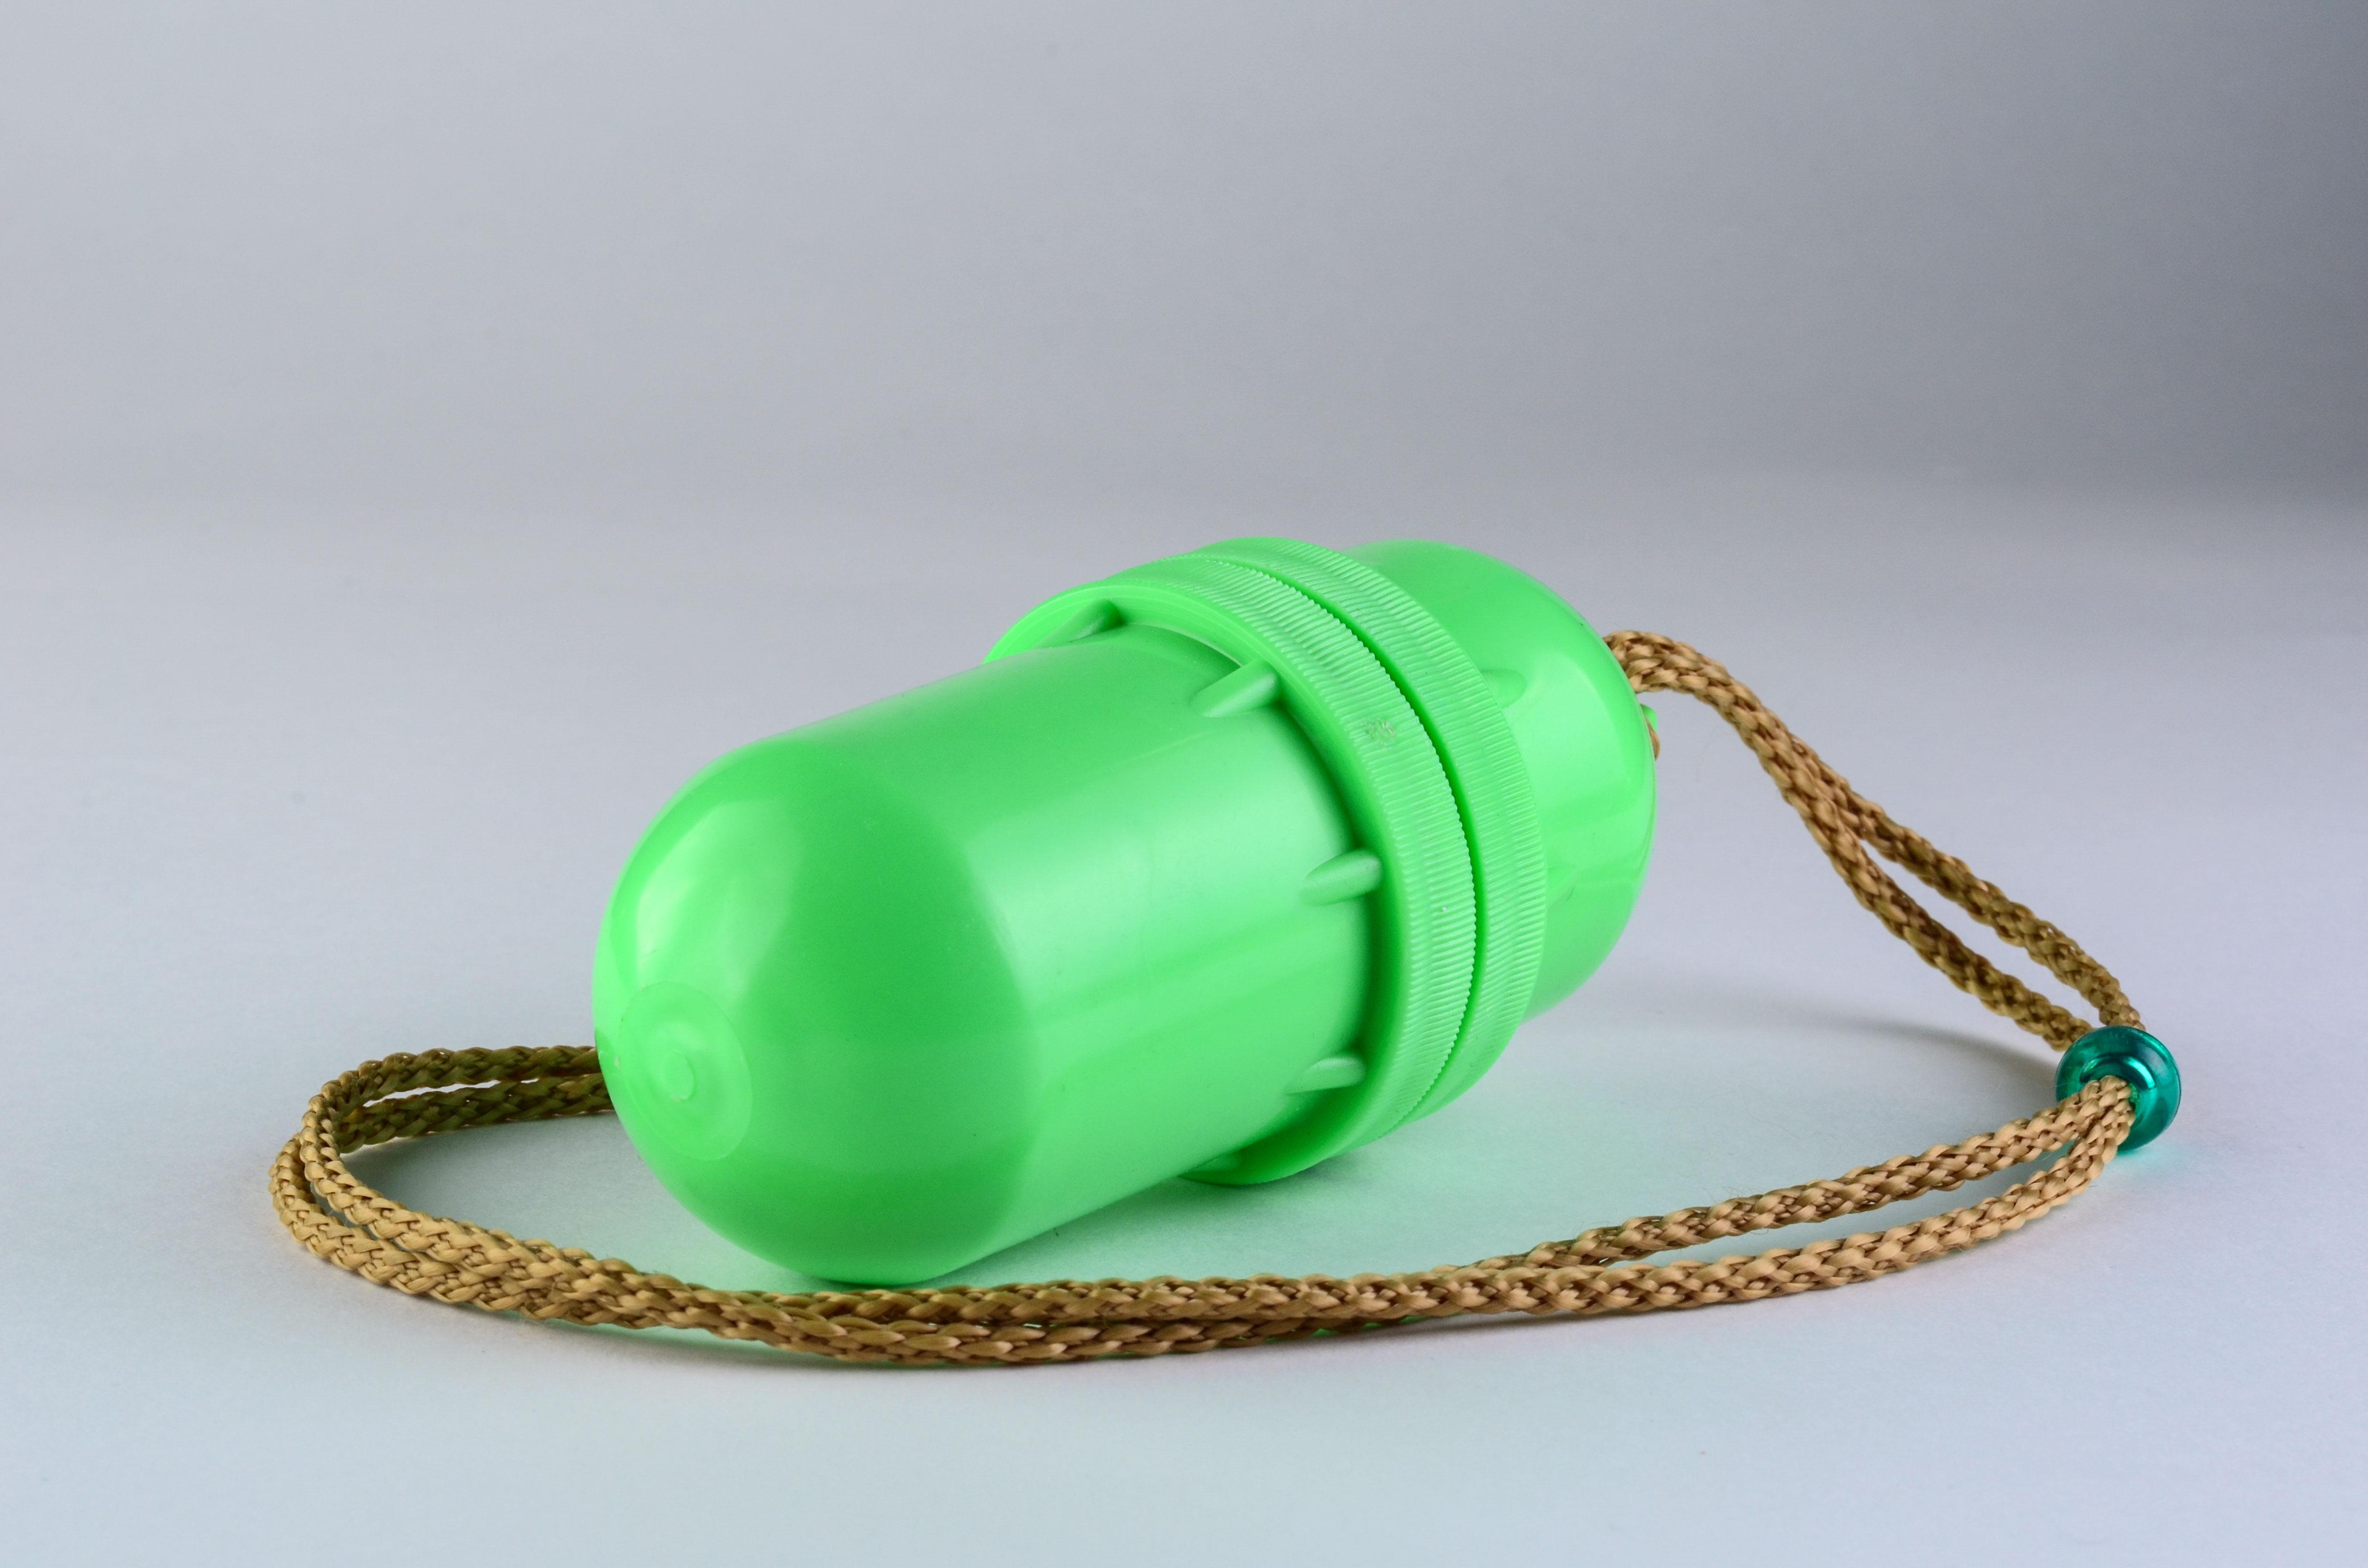 Тубус-кошелёк пластмассовый 5-0293 водонепроницаемый д 55мм дл. 130мм